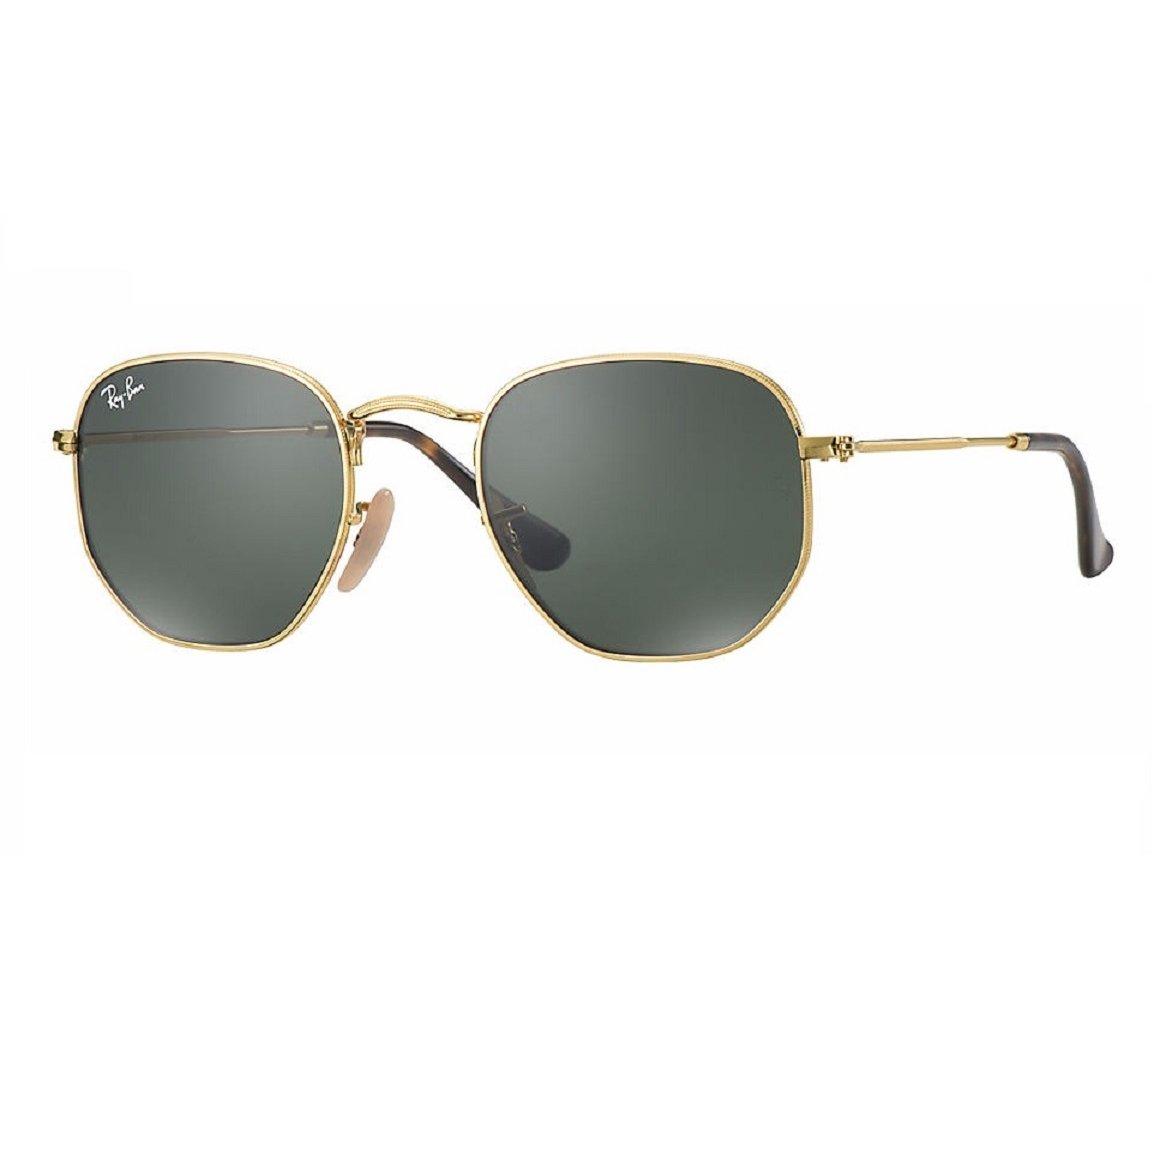 3117aeac316 Óculos de Sol Ray Ban Hexagonal RB3548N 001 - Dourado - Compre Agora ...